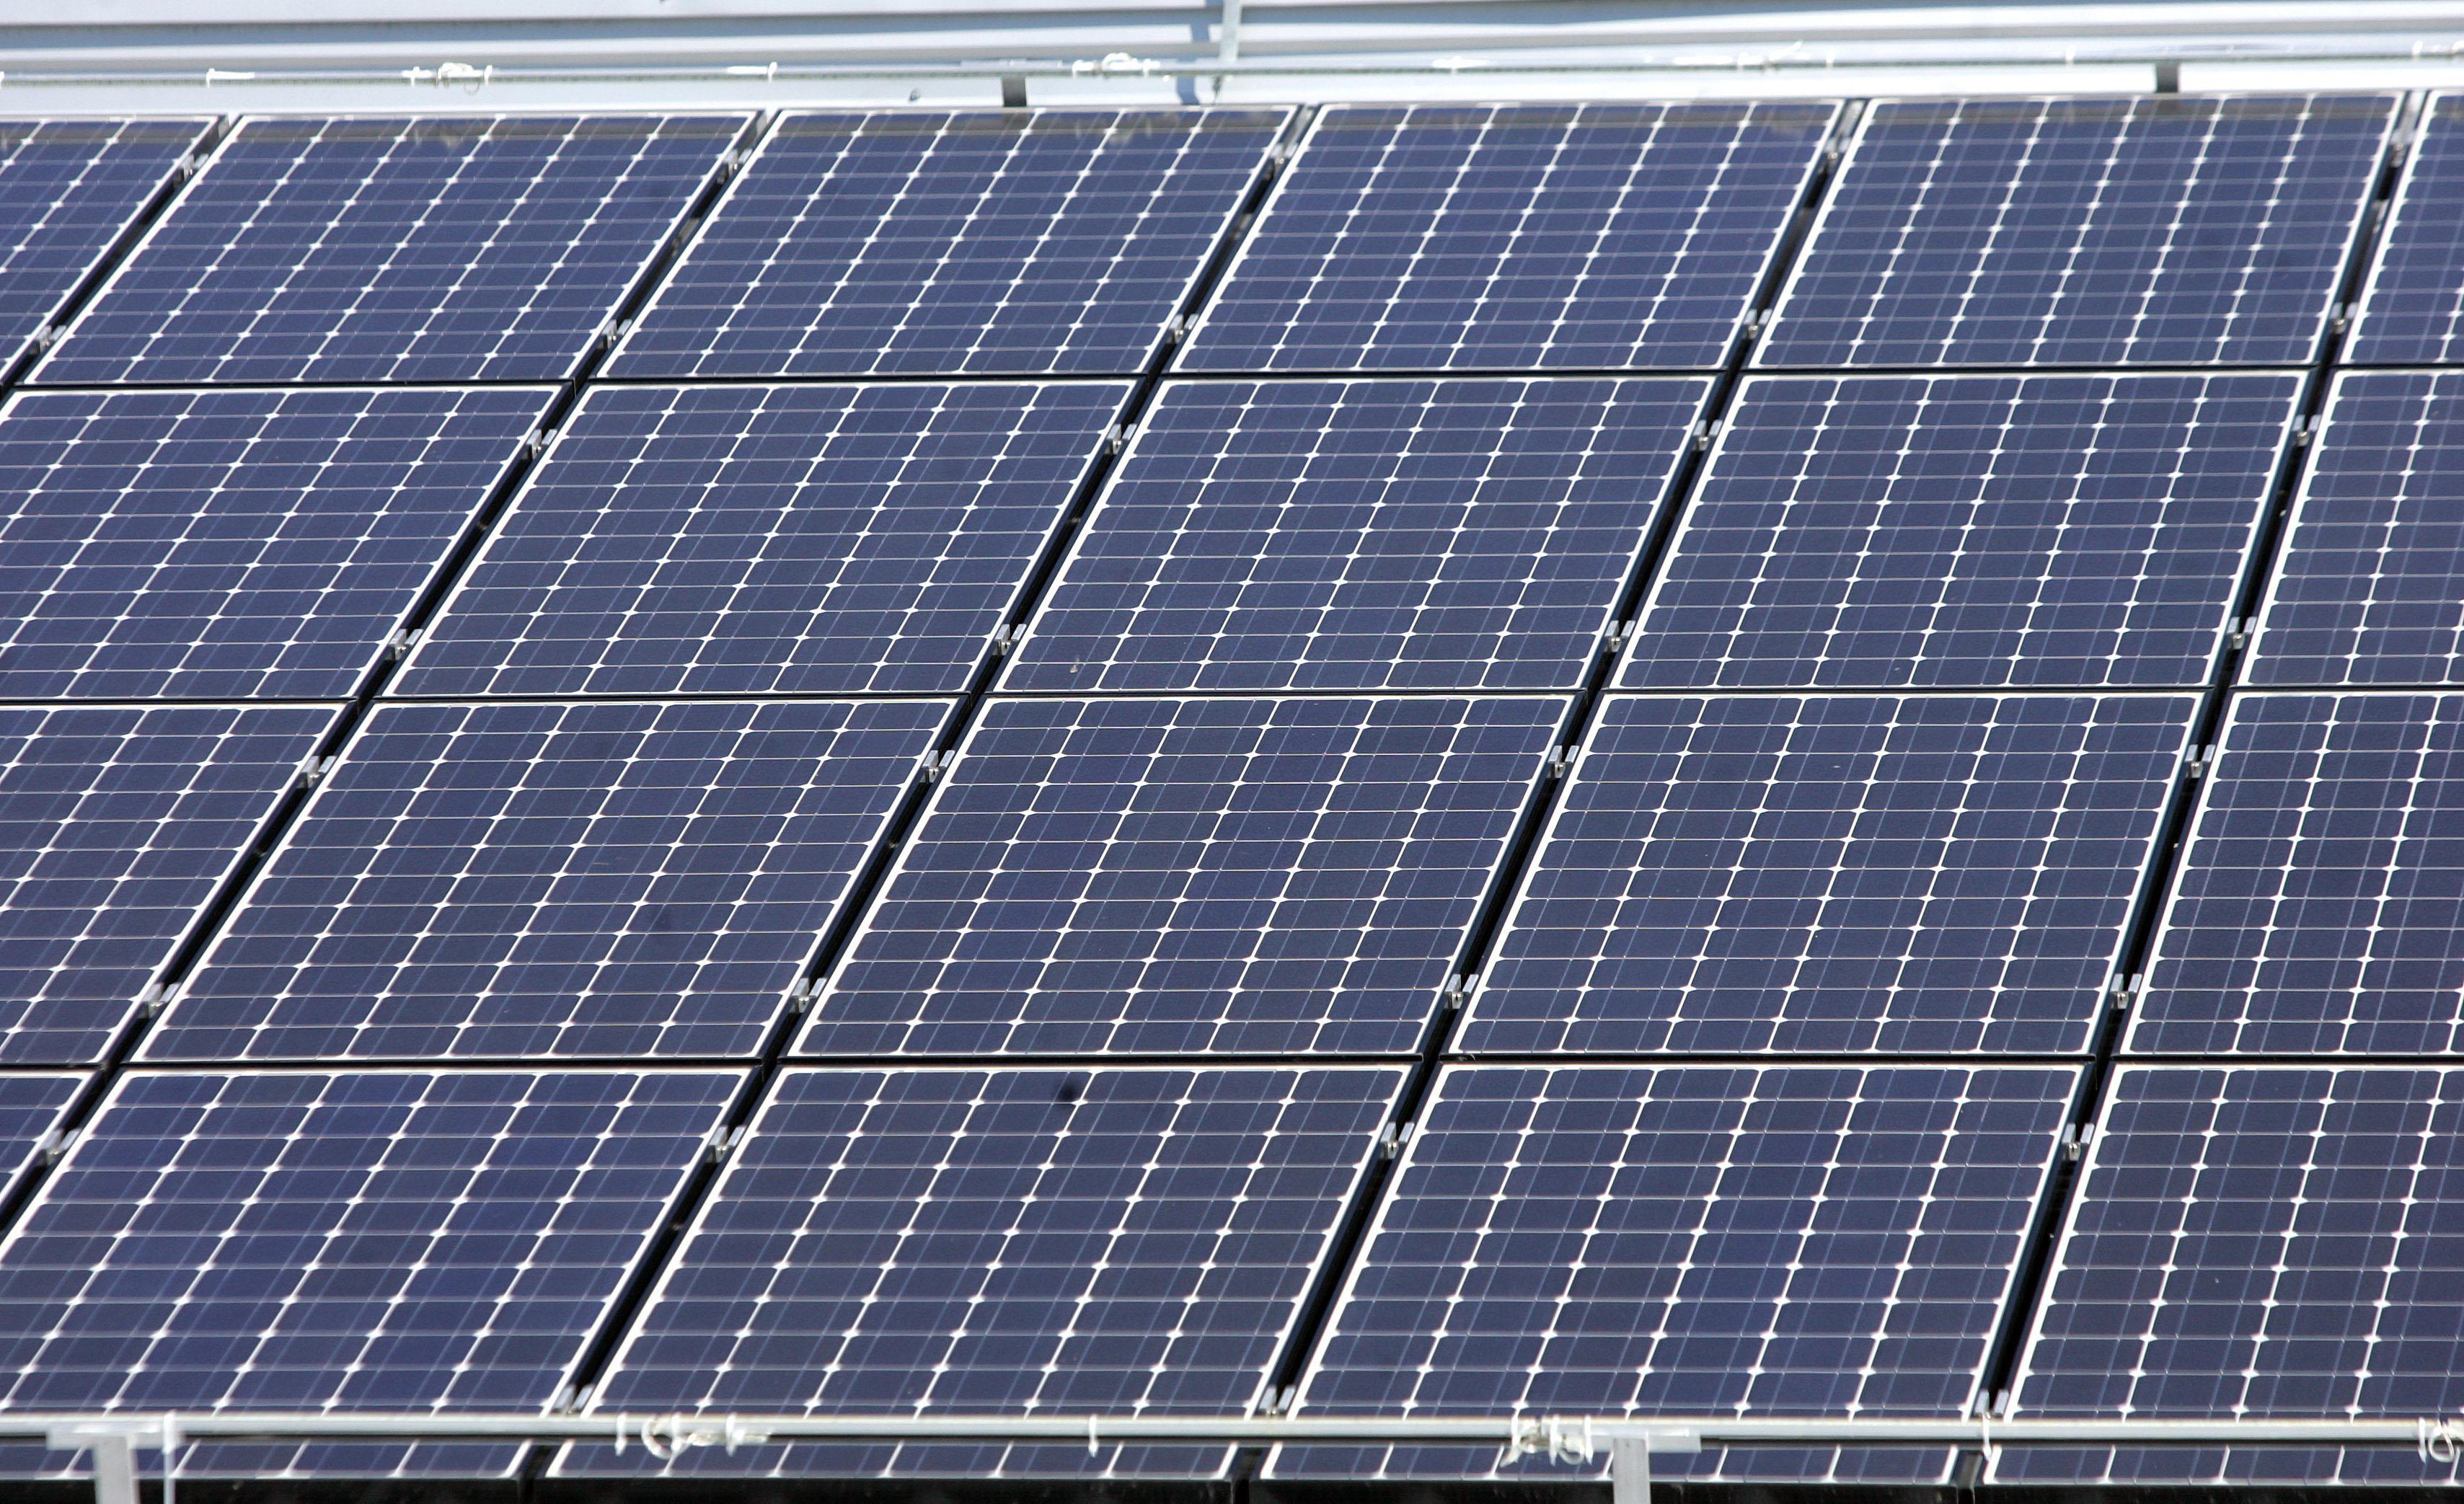 Ekološke udruge traže od Vlade snažni prelazak na obnovljive izvore energije